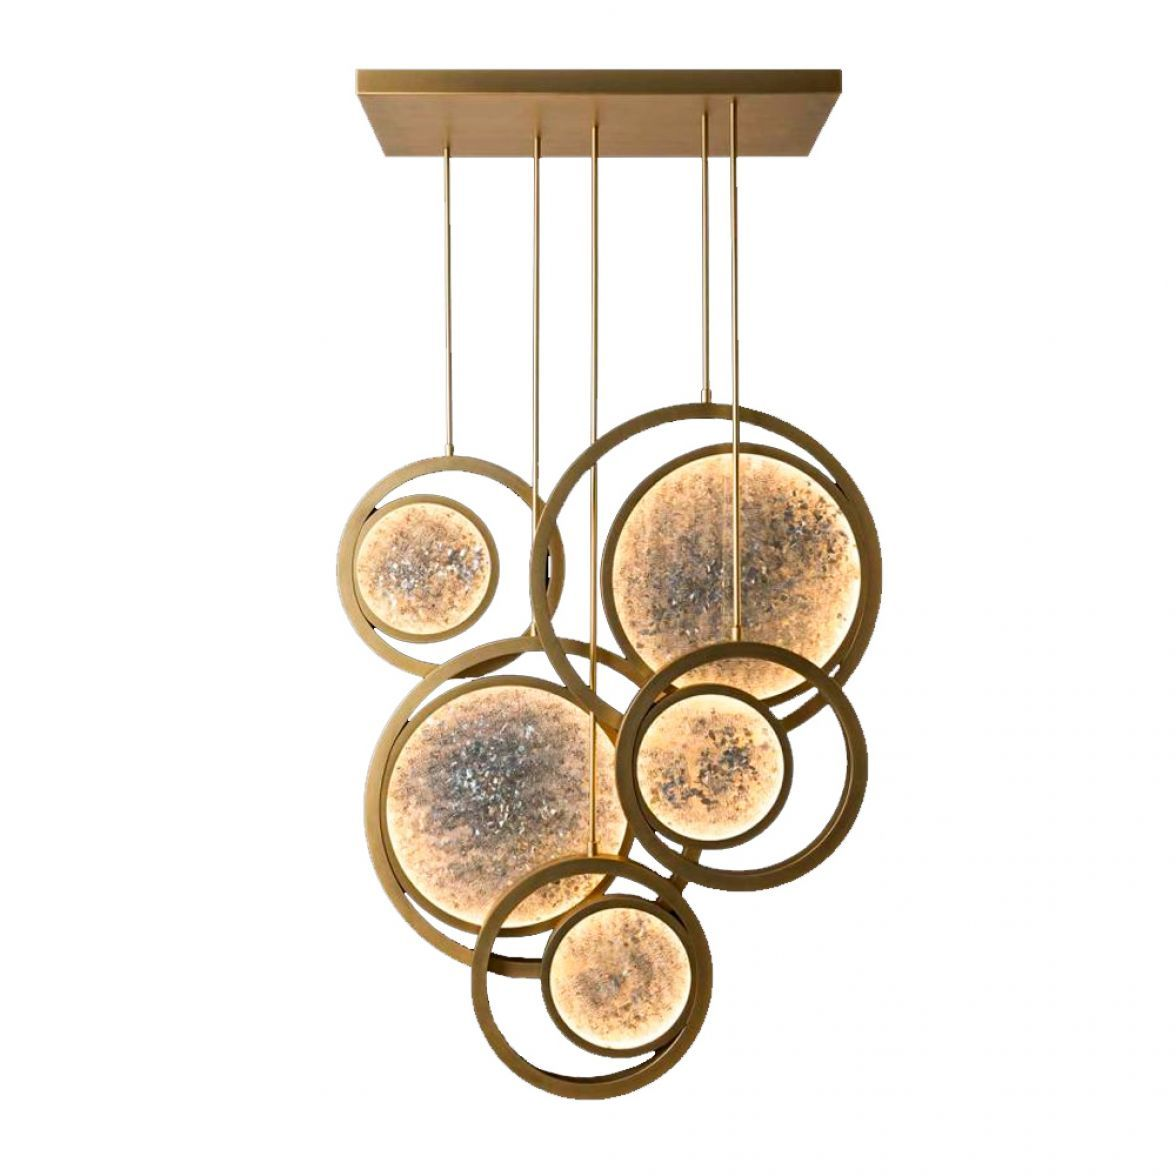 Moonlight chandelier